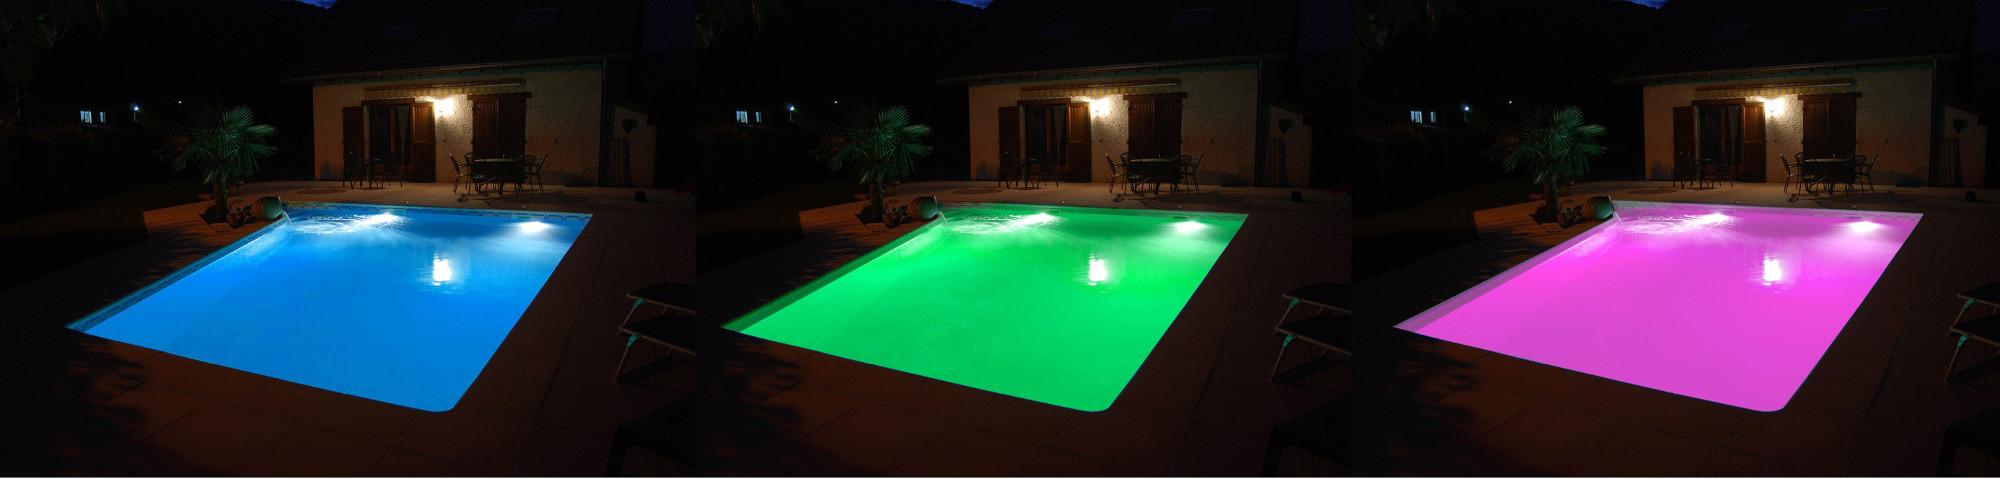 Projecteur 90 LED couleur + télécommande | SEAMAID